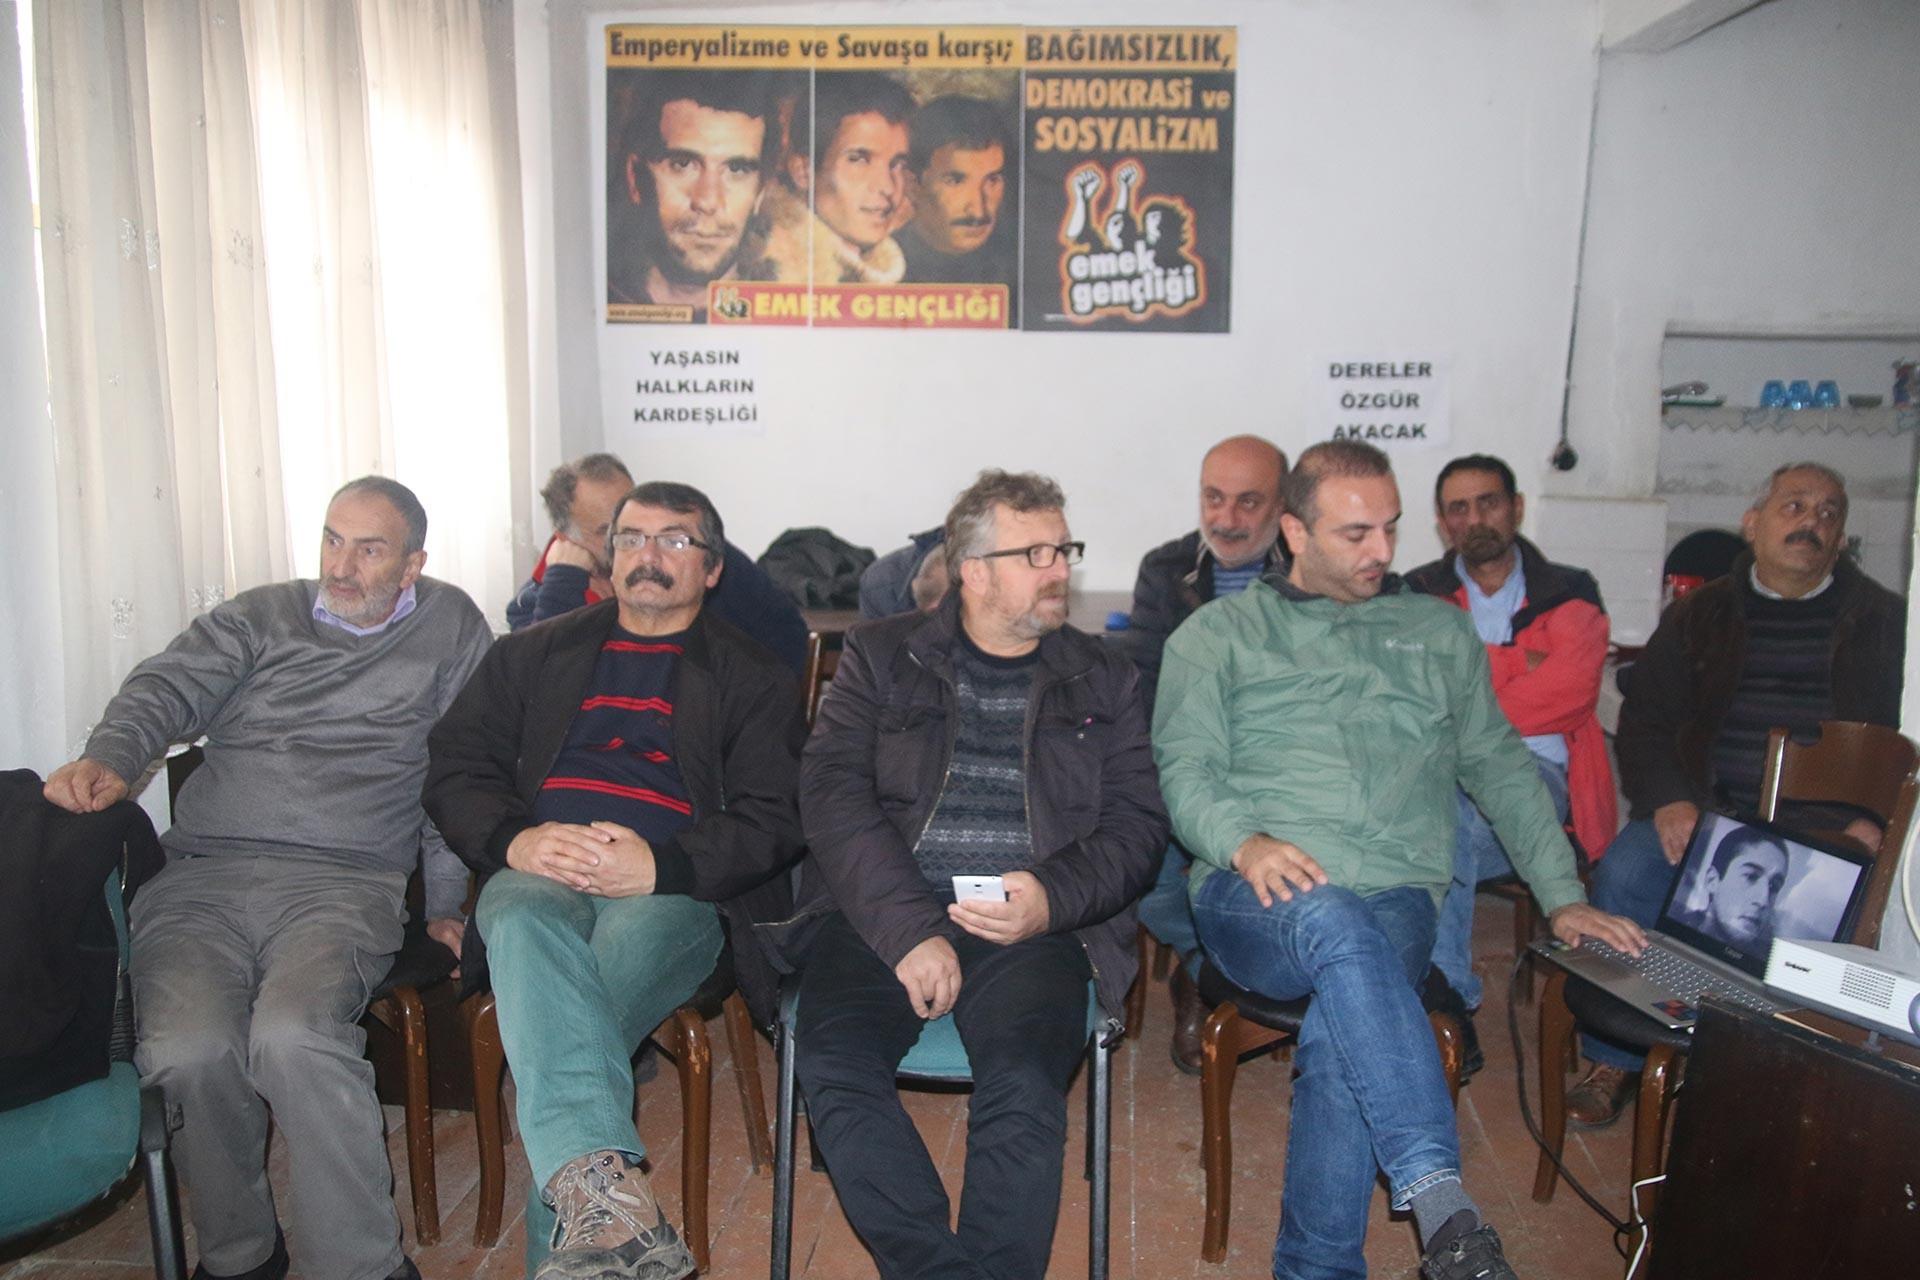 Fındıklı'da Emek Partisi'nin düzenlediği Erdal Eren anması